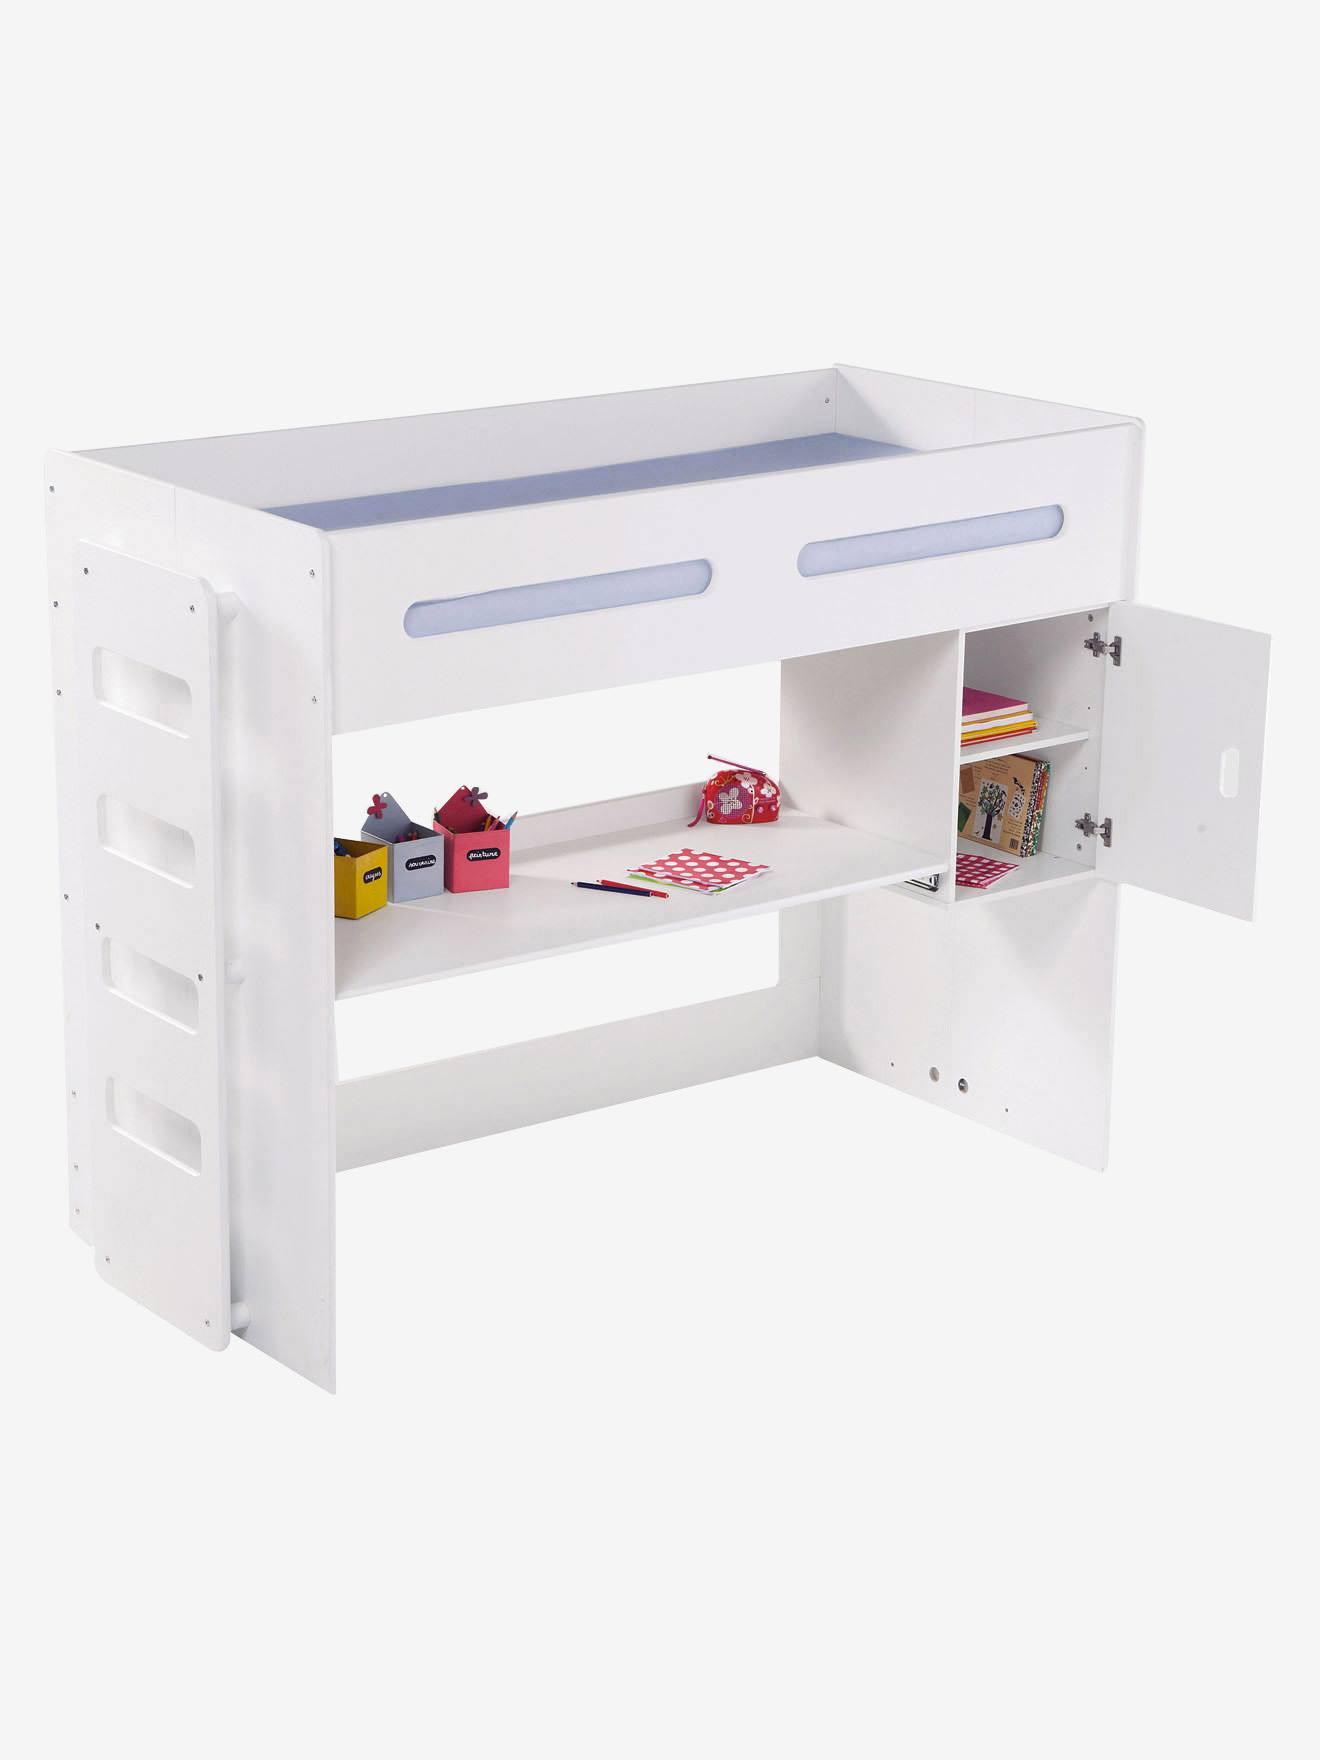 lit avec bureau coulissant trendy salon de jardin pour enfants lit enfant haut avec bureau. Black Bedroom Furniture Sets. Home Design Ideas